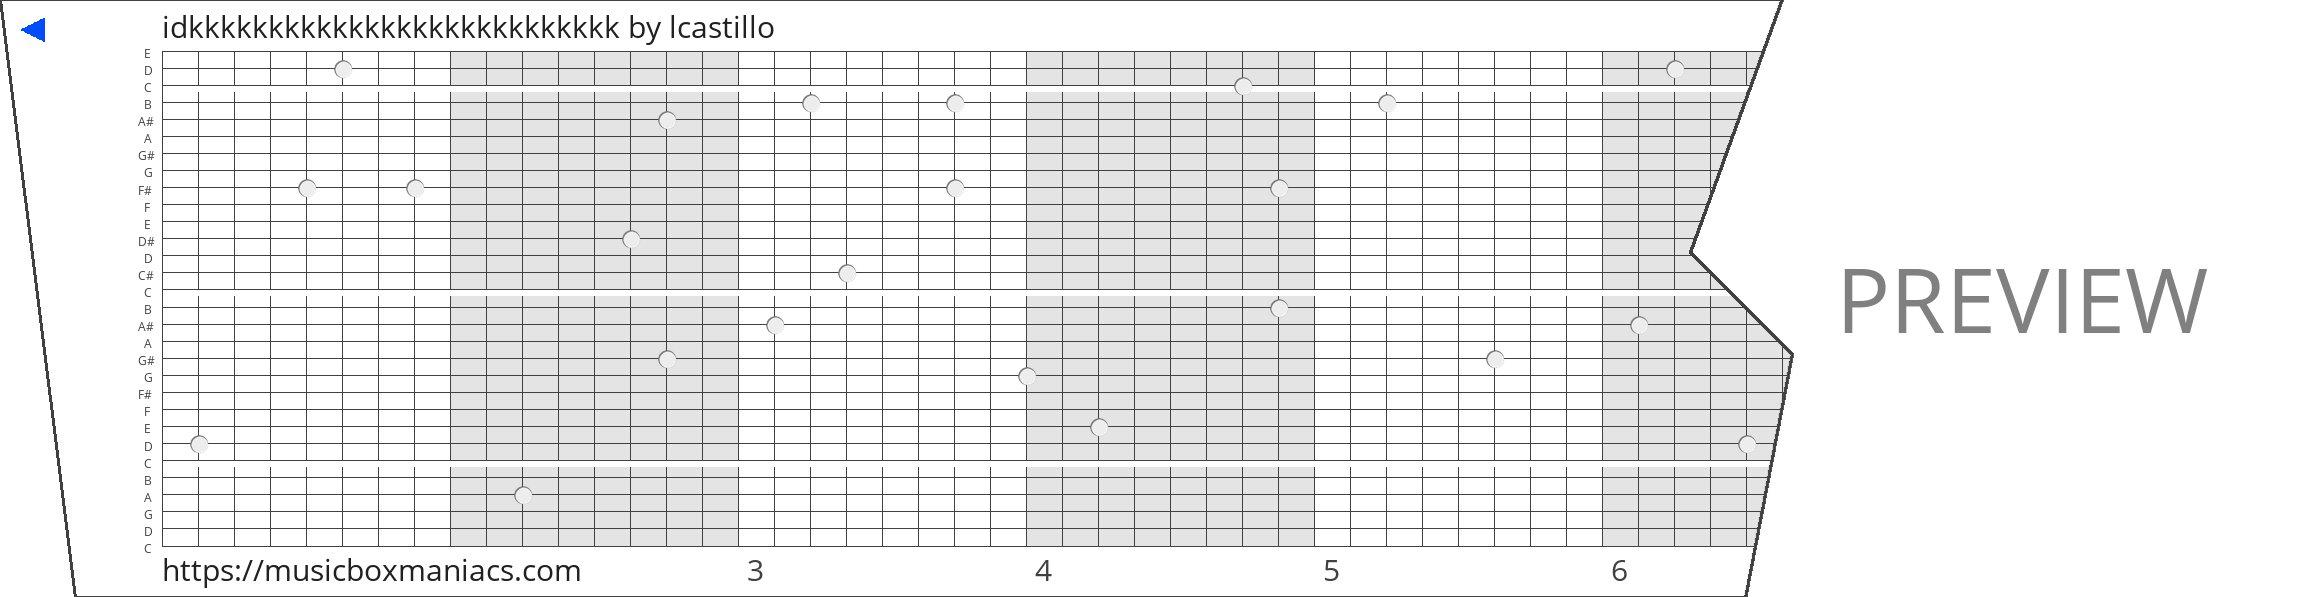 idkkkkkkkkkkkkkkkkkkkkkkkkkkk 30 note music box paper strip